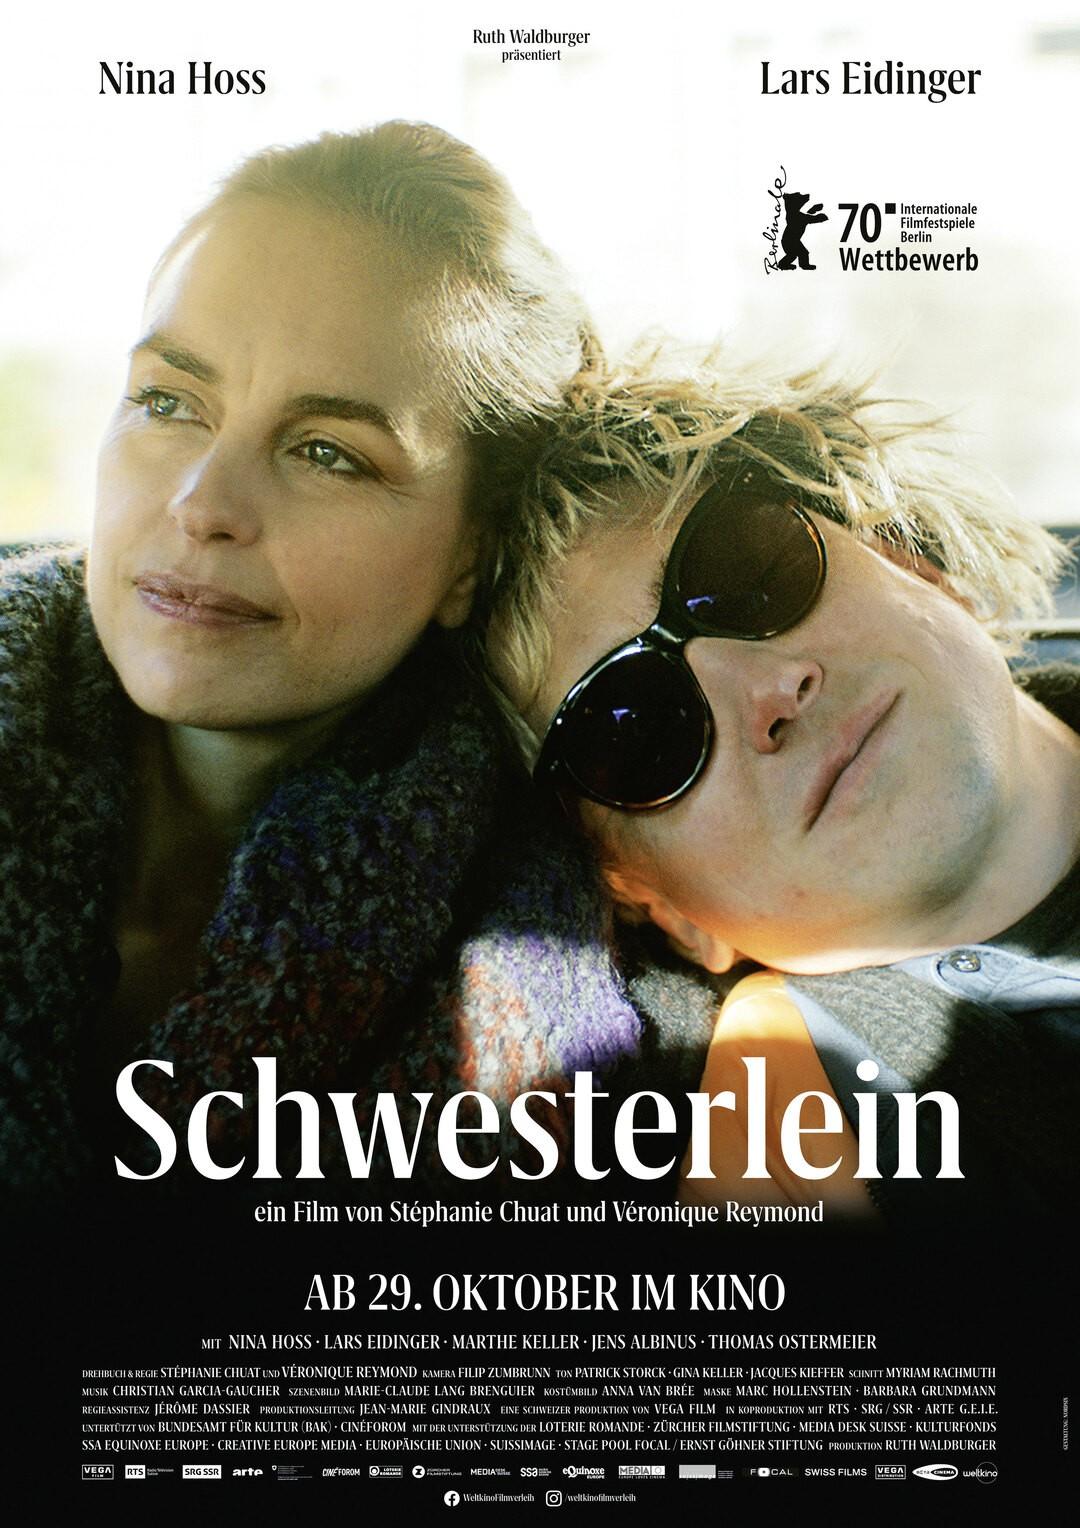 Schwesterlein - Bild 11 von 11